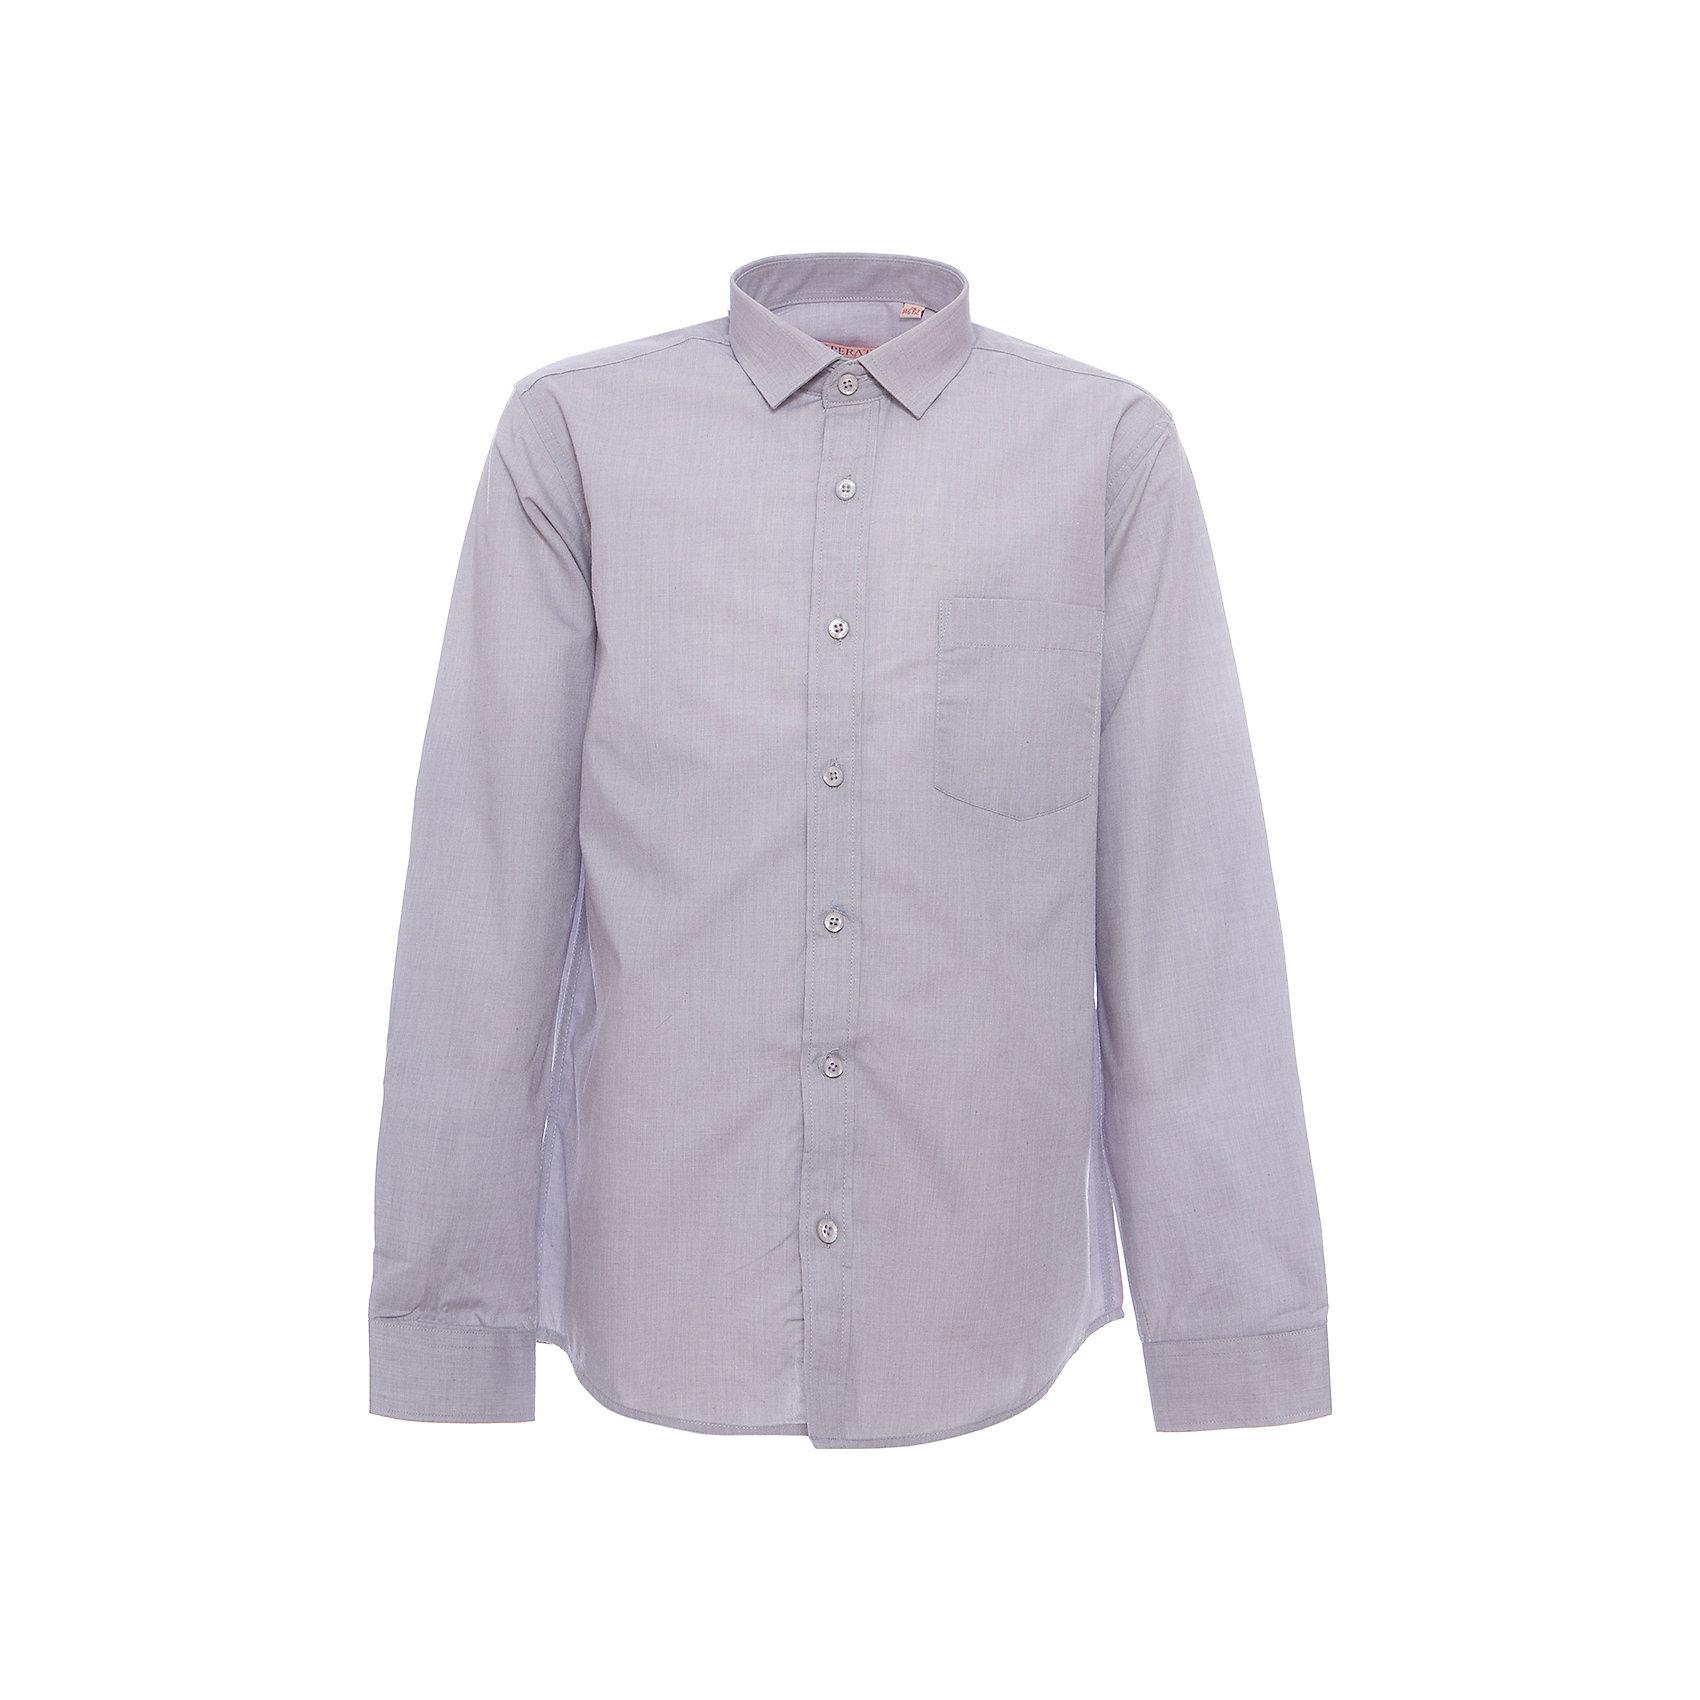 Рубашка для мальчика TsarevichБлузки и рубашки<br>Классическая рубашка - неотьемлемая вещь в гардеробе. Модель на пуговицах, с отложным воротником. Свободный покрой не стеснит движений и позволит чувствовать себя комфортно каждый день.  Состав 80 % хл. 20% П/Э<br><br>Ширина мм: 174<br>Глубина мм: 10<br>Высота мм: 169<br>Вес г: 157<br>Цвет: серый<br>Возраст от месяцев: 96<br>Возраст до месяцев: 108<br>Пол: Мужской<br>Возраст: Детский<br>Размер: 128/134,152/158,158/164,164/170,122/128,134/140,140/146,146/152,146/152,152/158<br>SKU: 4749370